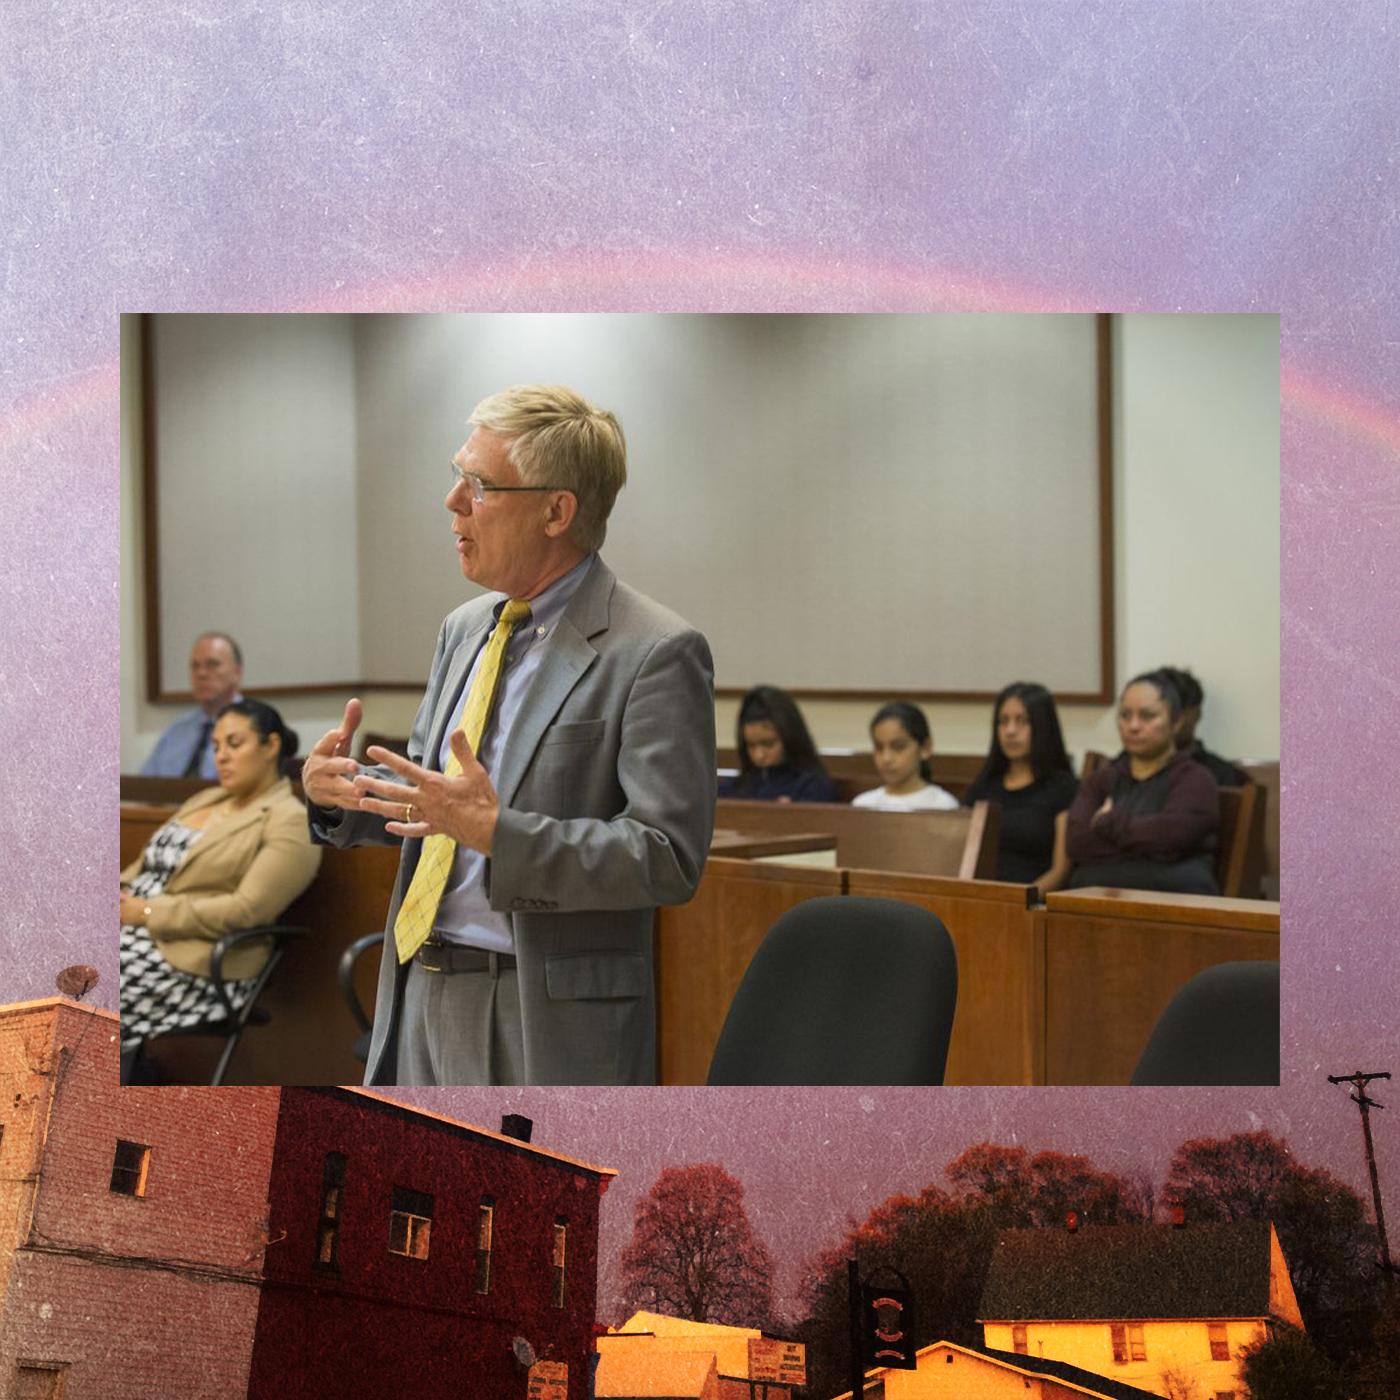 William Forsyth addresses the judge in 2016